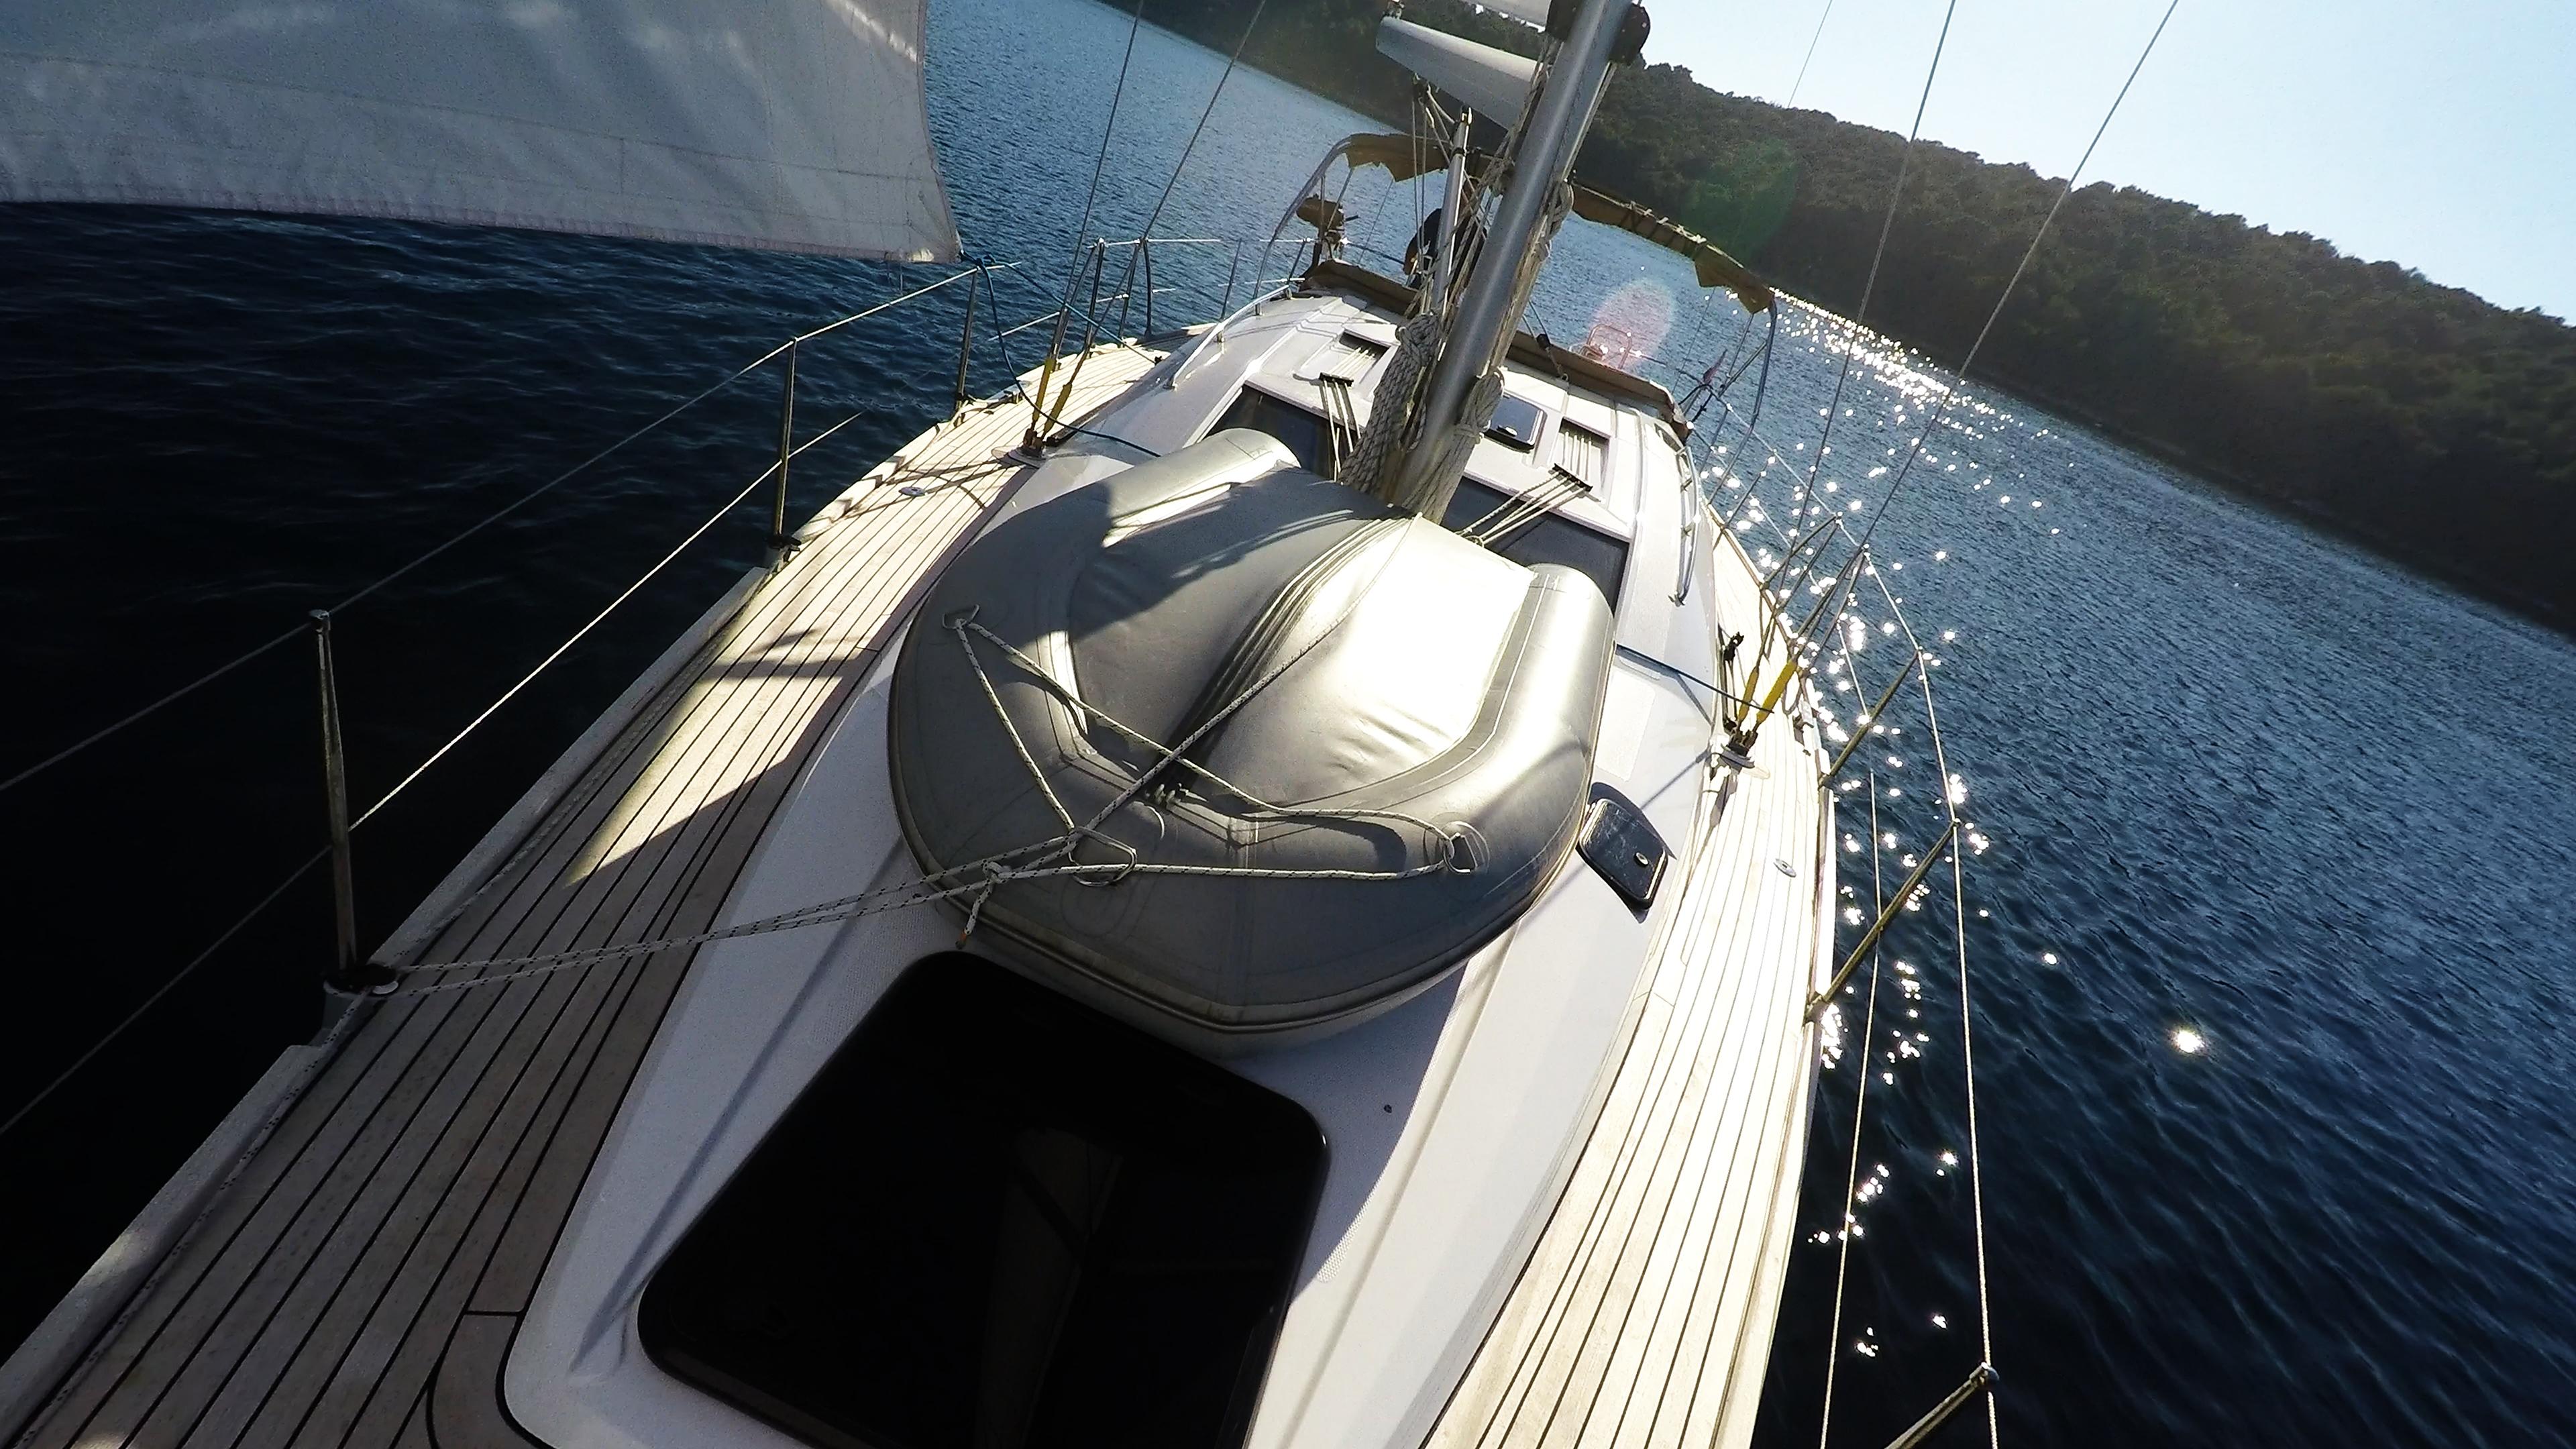 bateau à voile dériveur sur le pont du voilier voilier